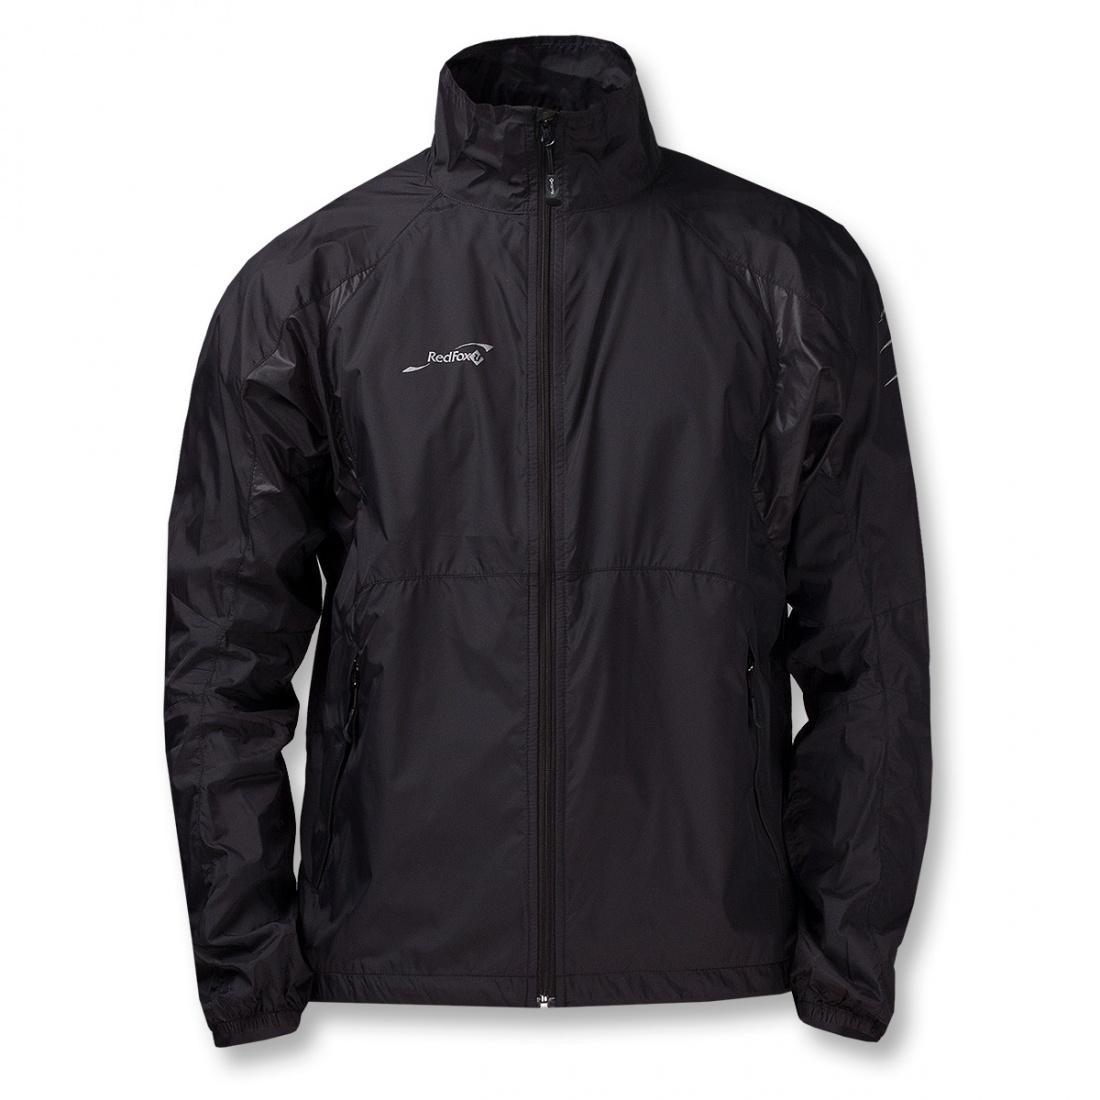 Куртка ветрозащитная Trek Light IIКуртки<br><br> Очень легкая куртка для мультиспортсменов. Отлично сочетает в себе функции защиты от ветра и максимальной свободы движений. Куртку можно компактно упаковать в карман, расположенный на спине.<br><br><br> Особенности:<br><br><br>Два бо...<br><br>Цвет: Черный<br>Размер: 46